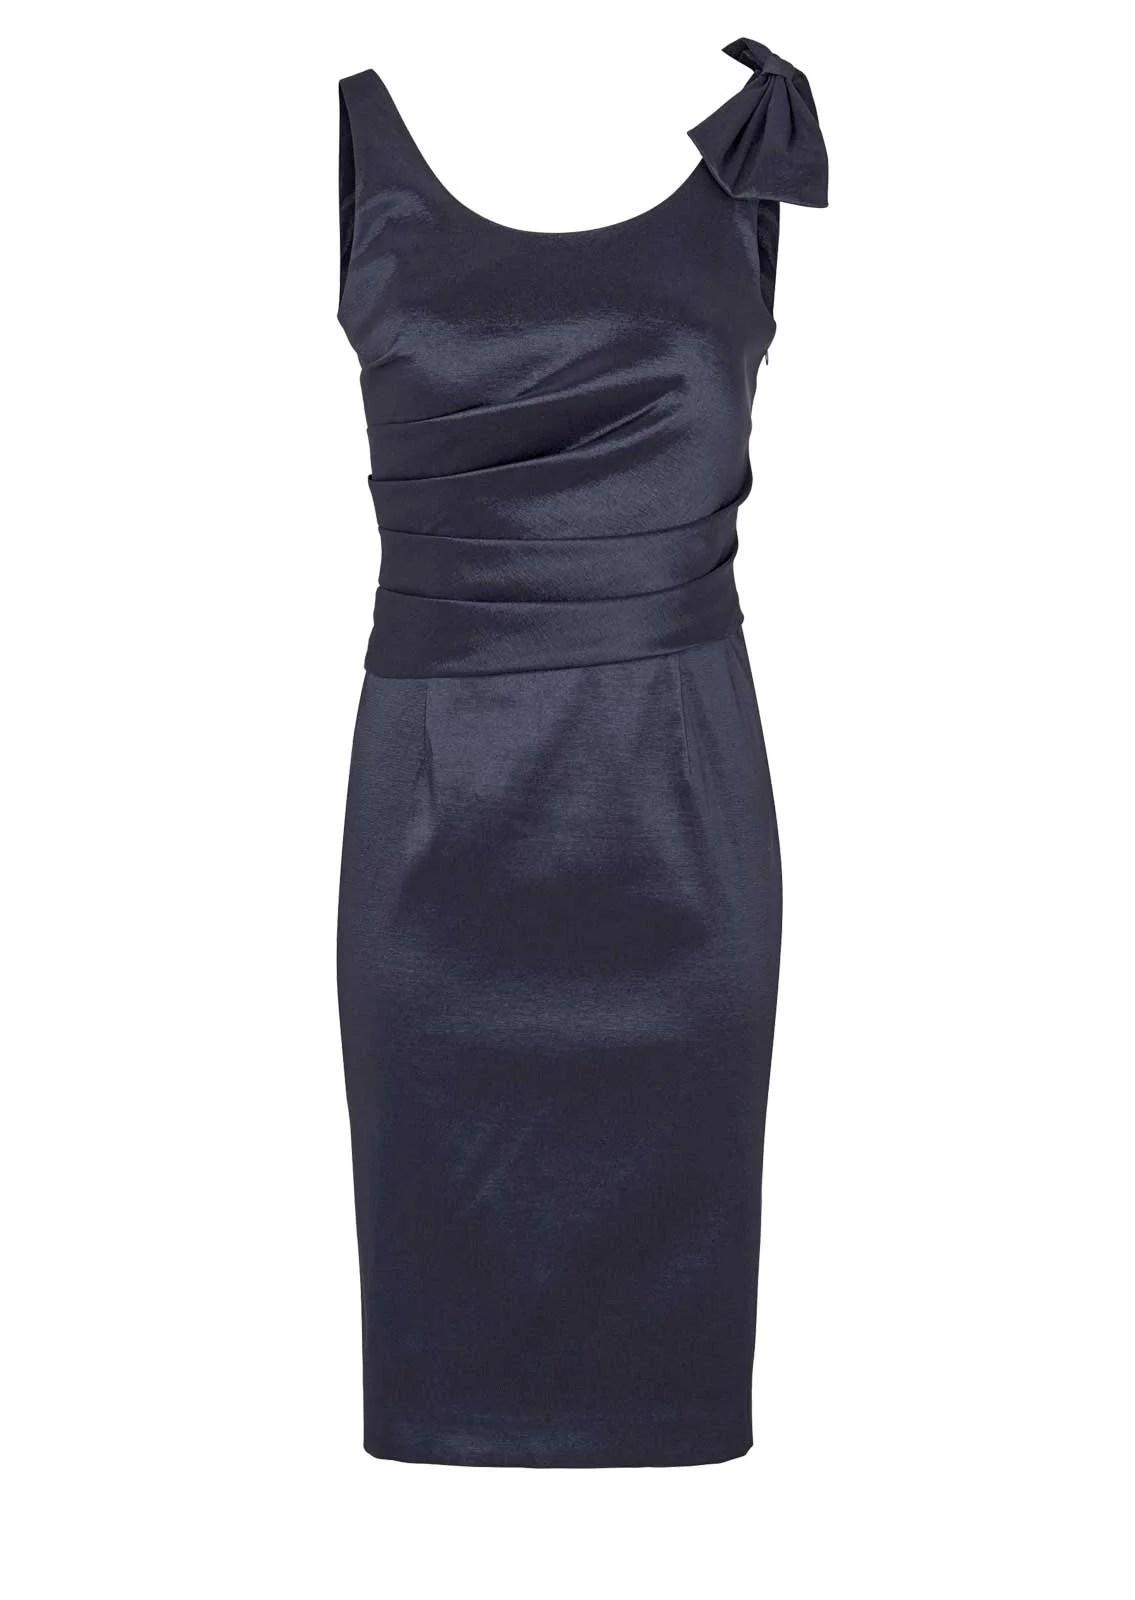 kurzes kleid für besondere anlässe ASHLEY BROOKE Damen Designer-Cocktailkleid Nachtblau 789.620 Missforty